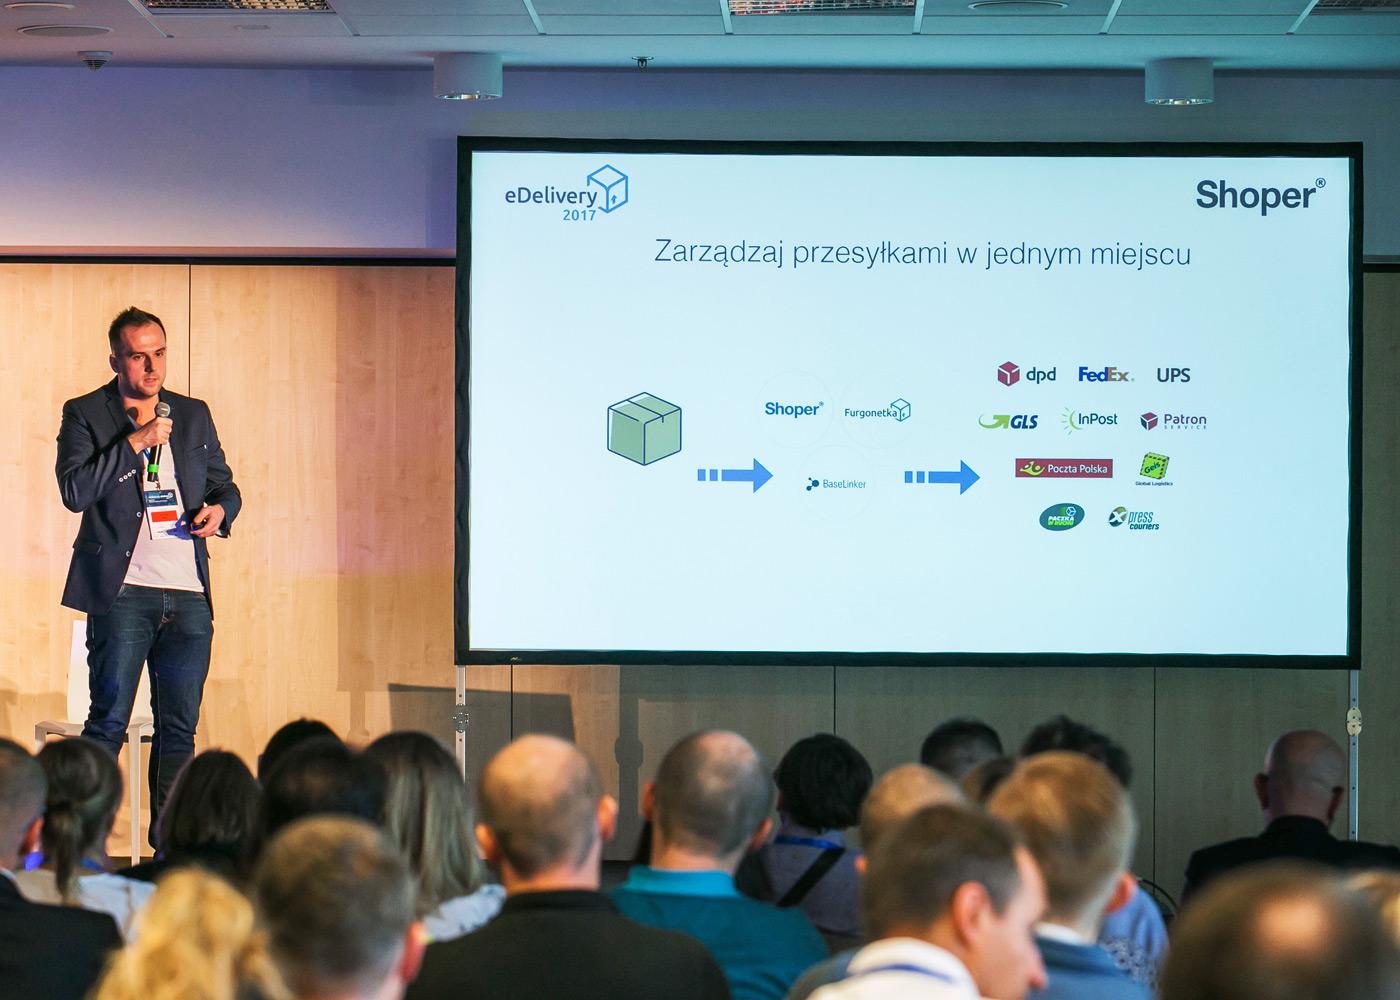 Konferencja eDelivery 2017, Artur Halik Shoper